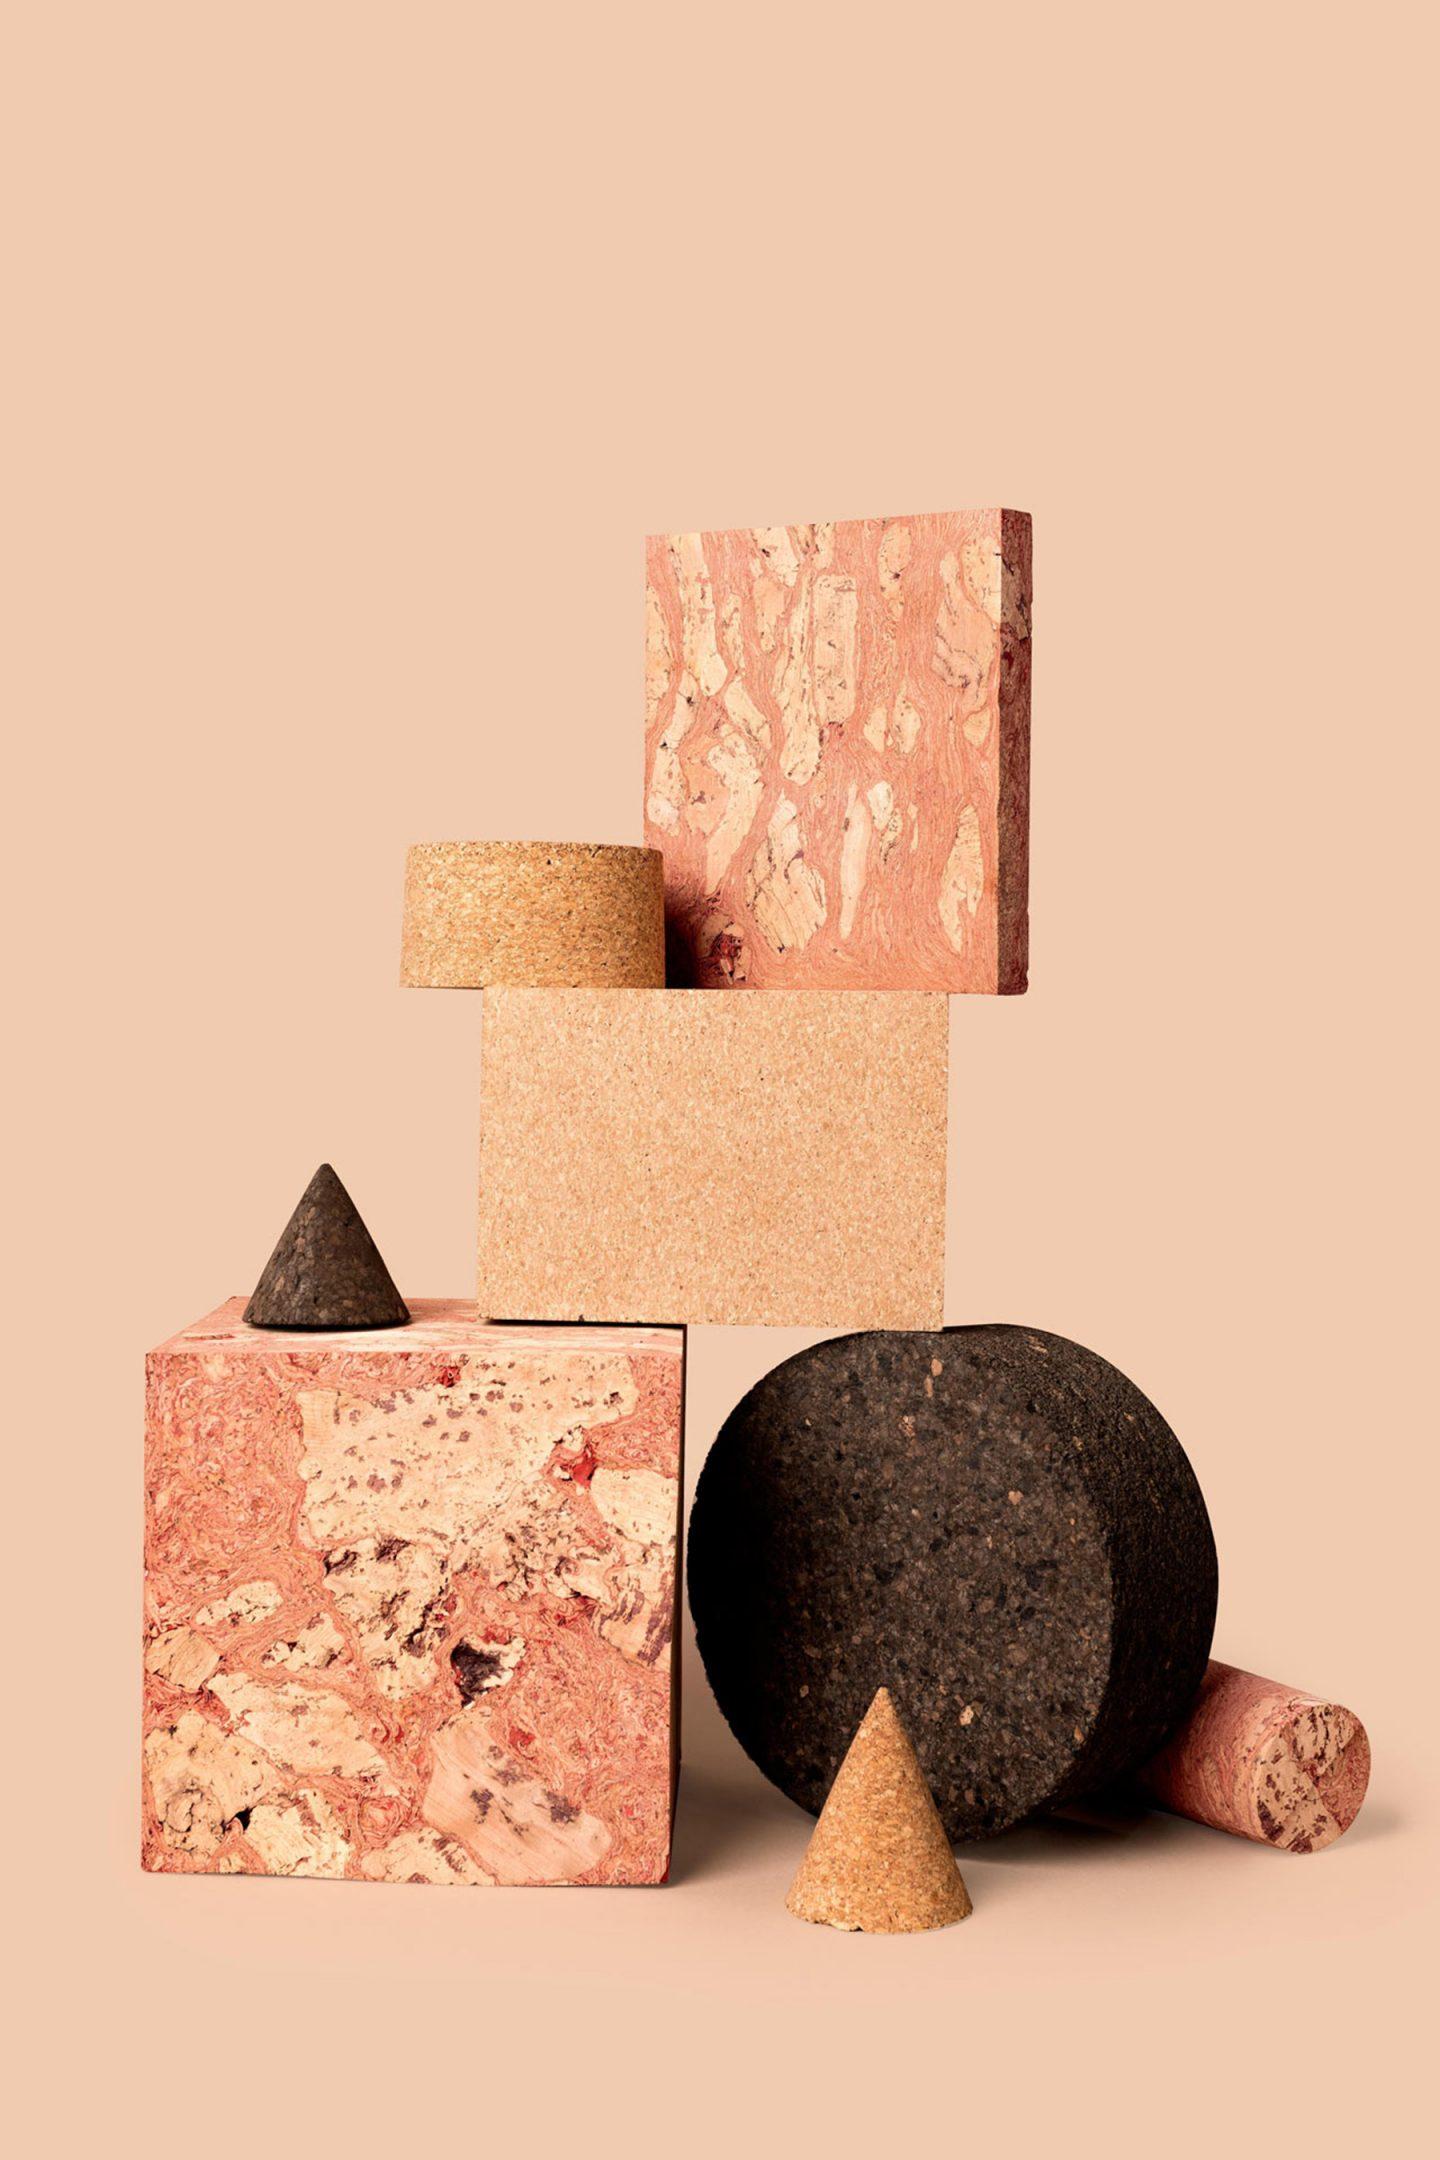 iGNANT-Design-Melanie-Abrantes-Eco-Design-006